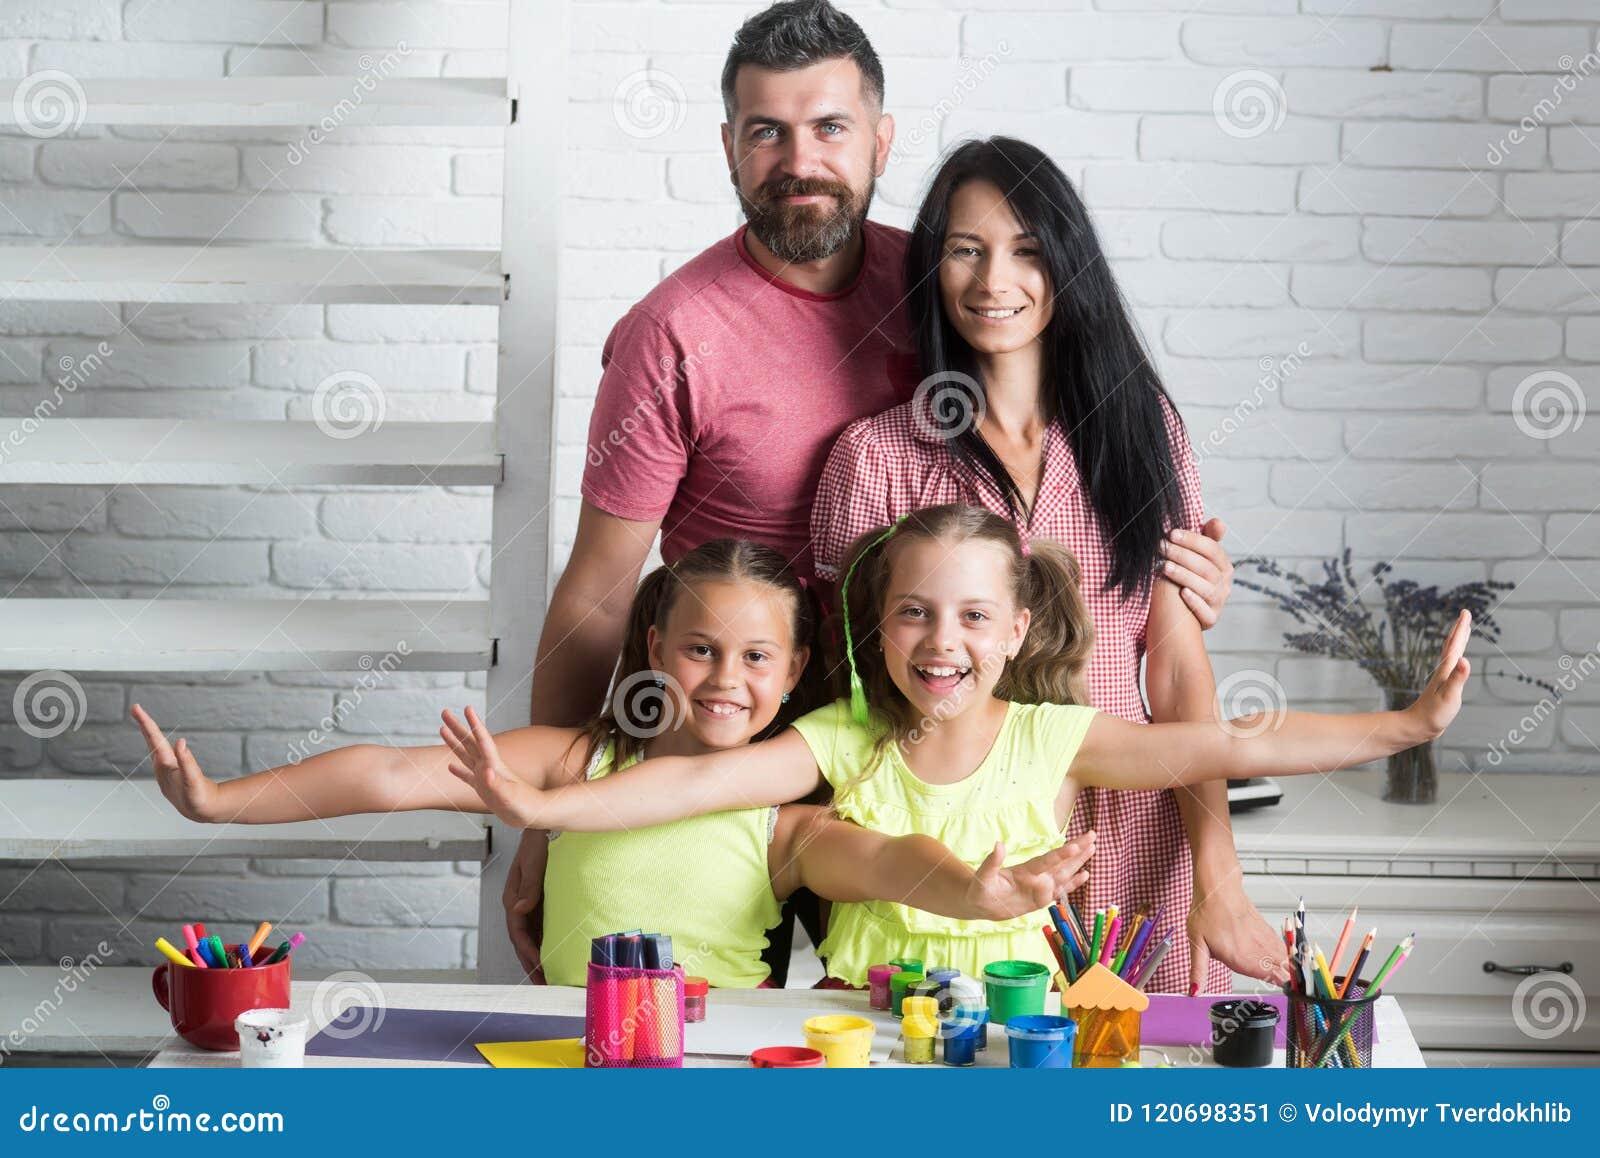 Ευτυχής οικογένεια που χαμογελά στον πίνακα με τα ζωηρόχρωμα χρώματα